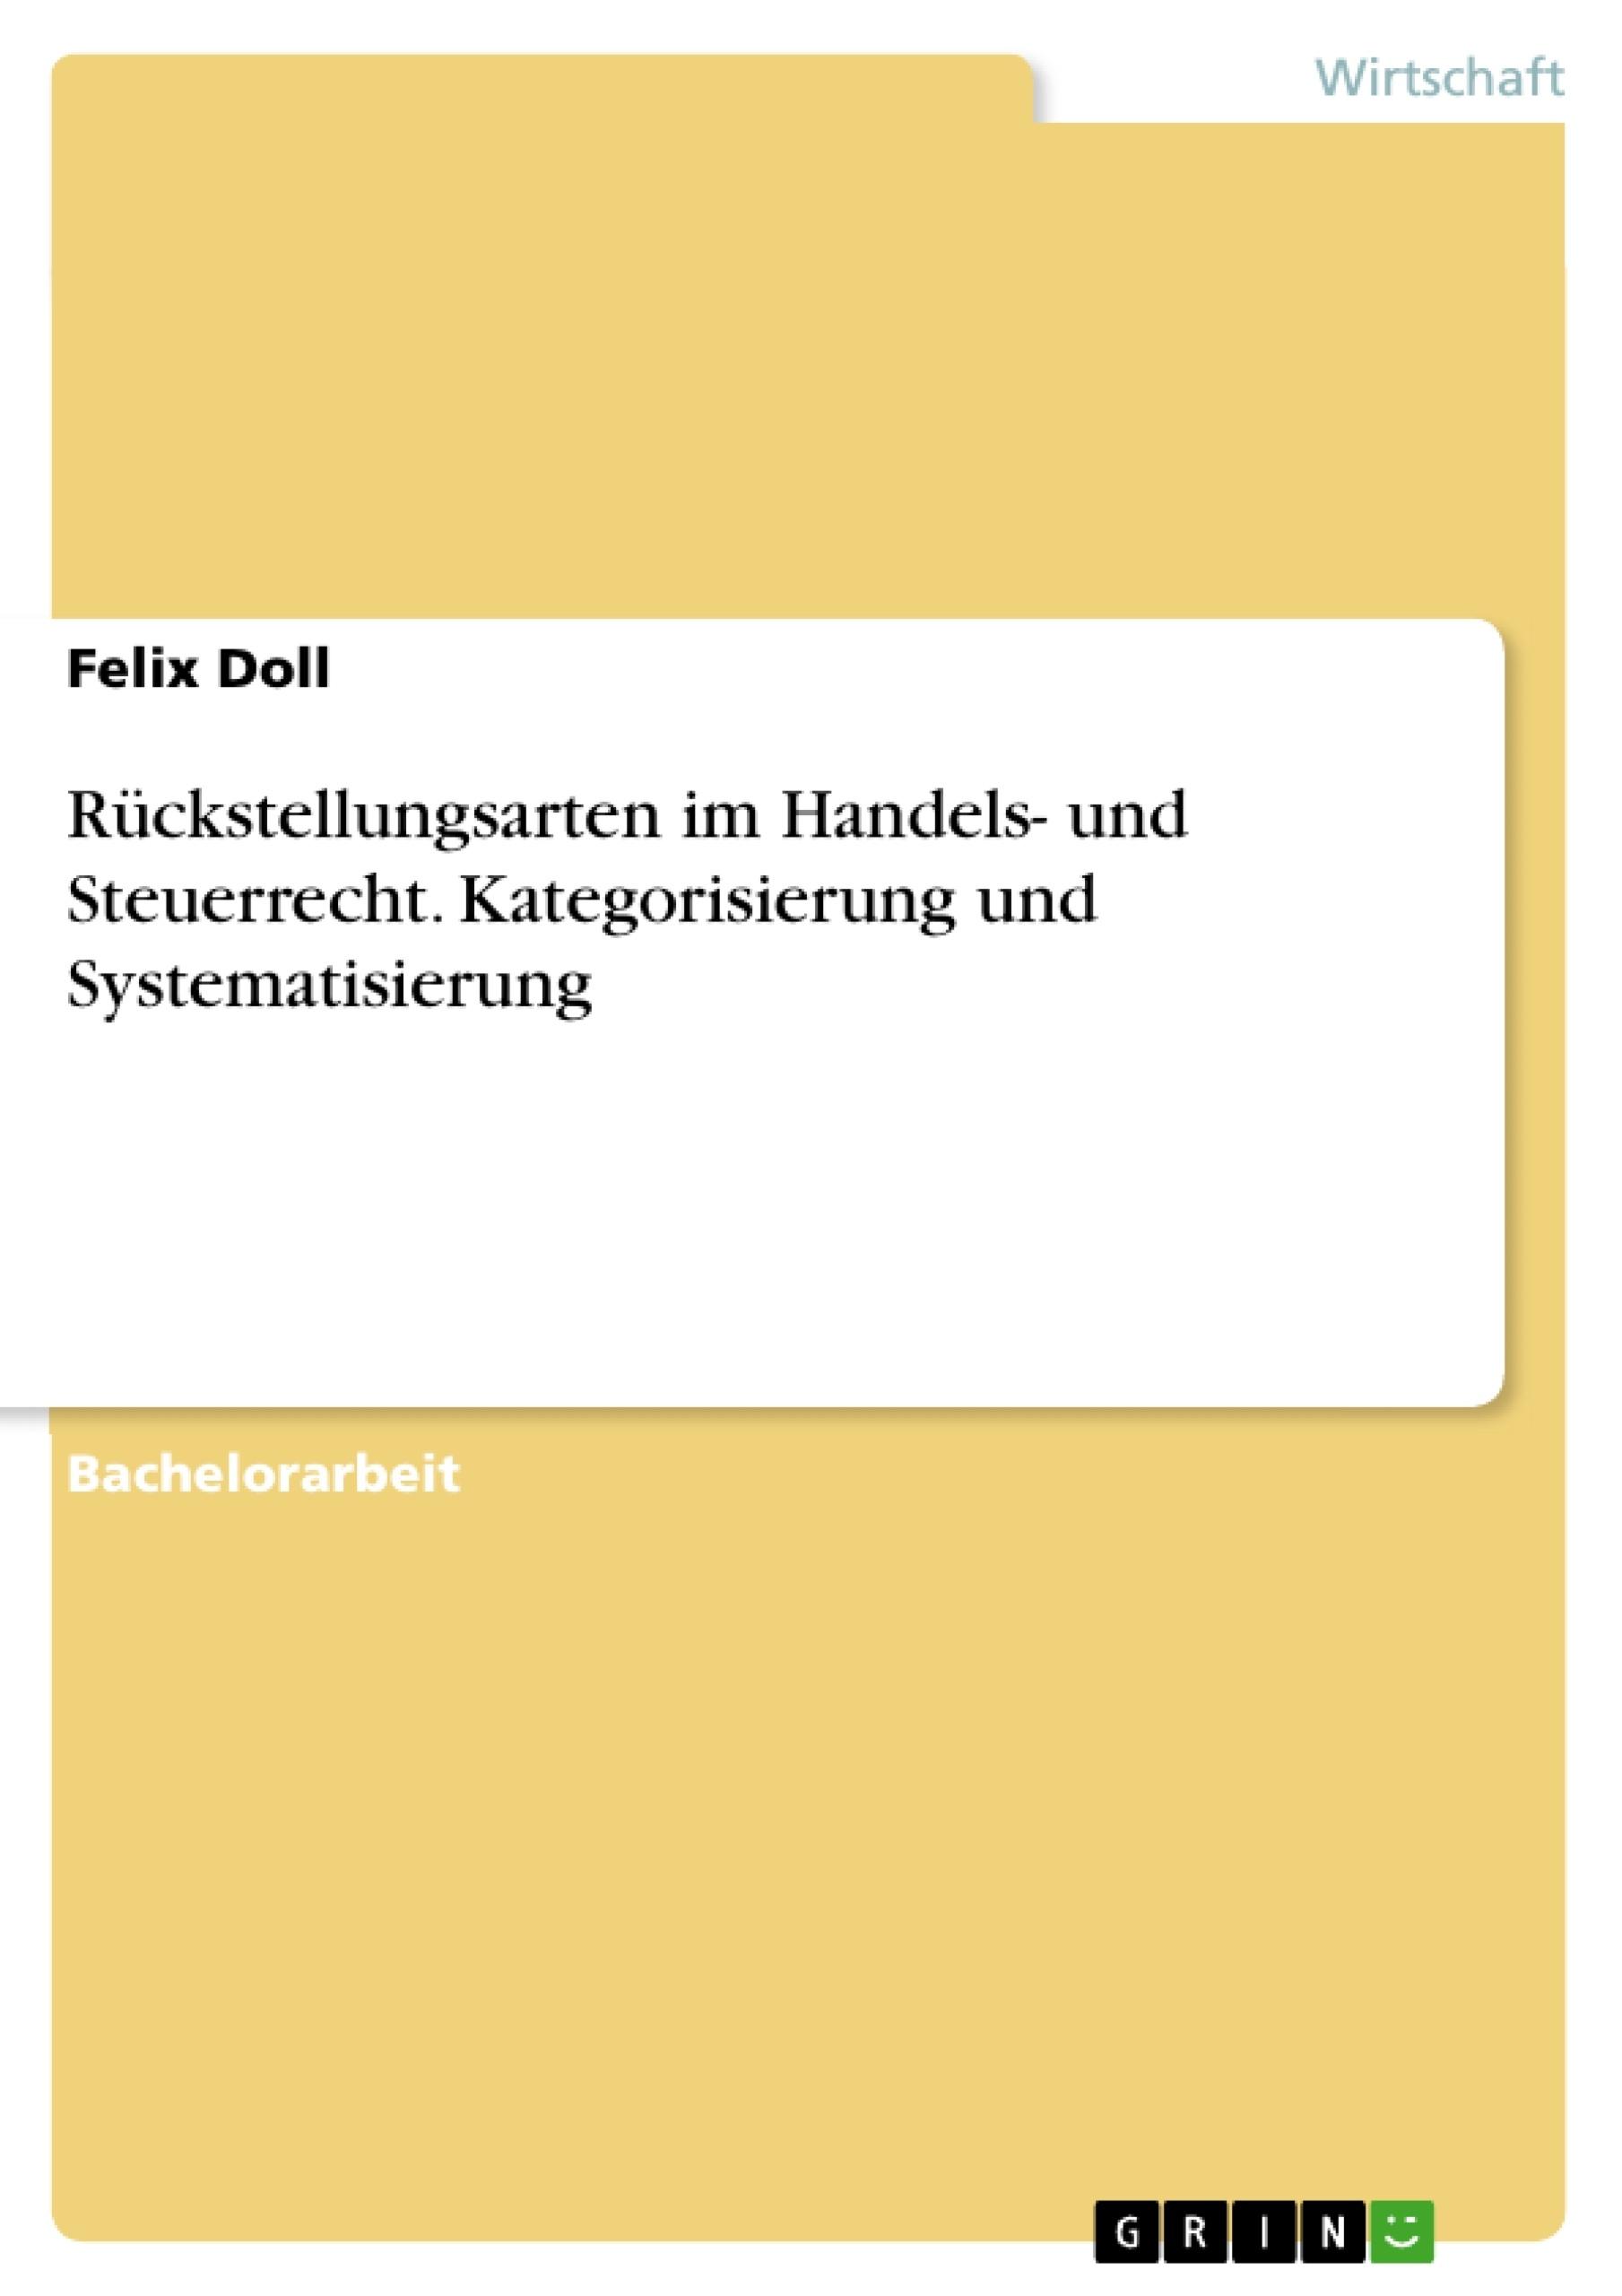 Titel: Rückstellungsarten im Handels- und Steuerrecht. Kategorisierung und Systematisierung